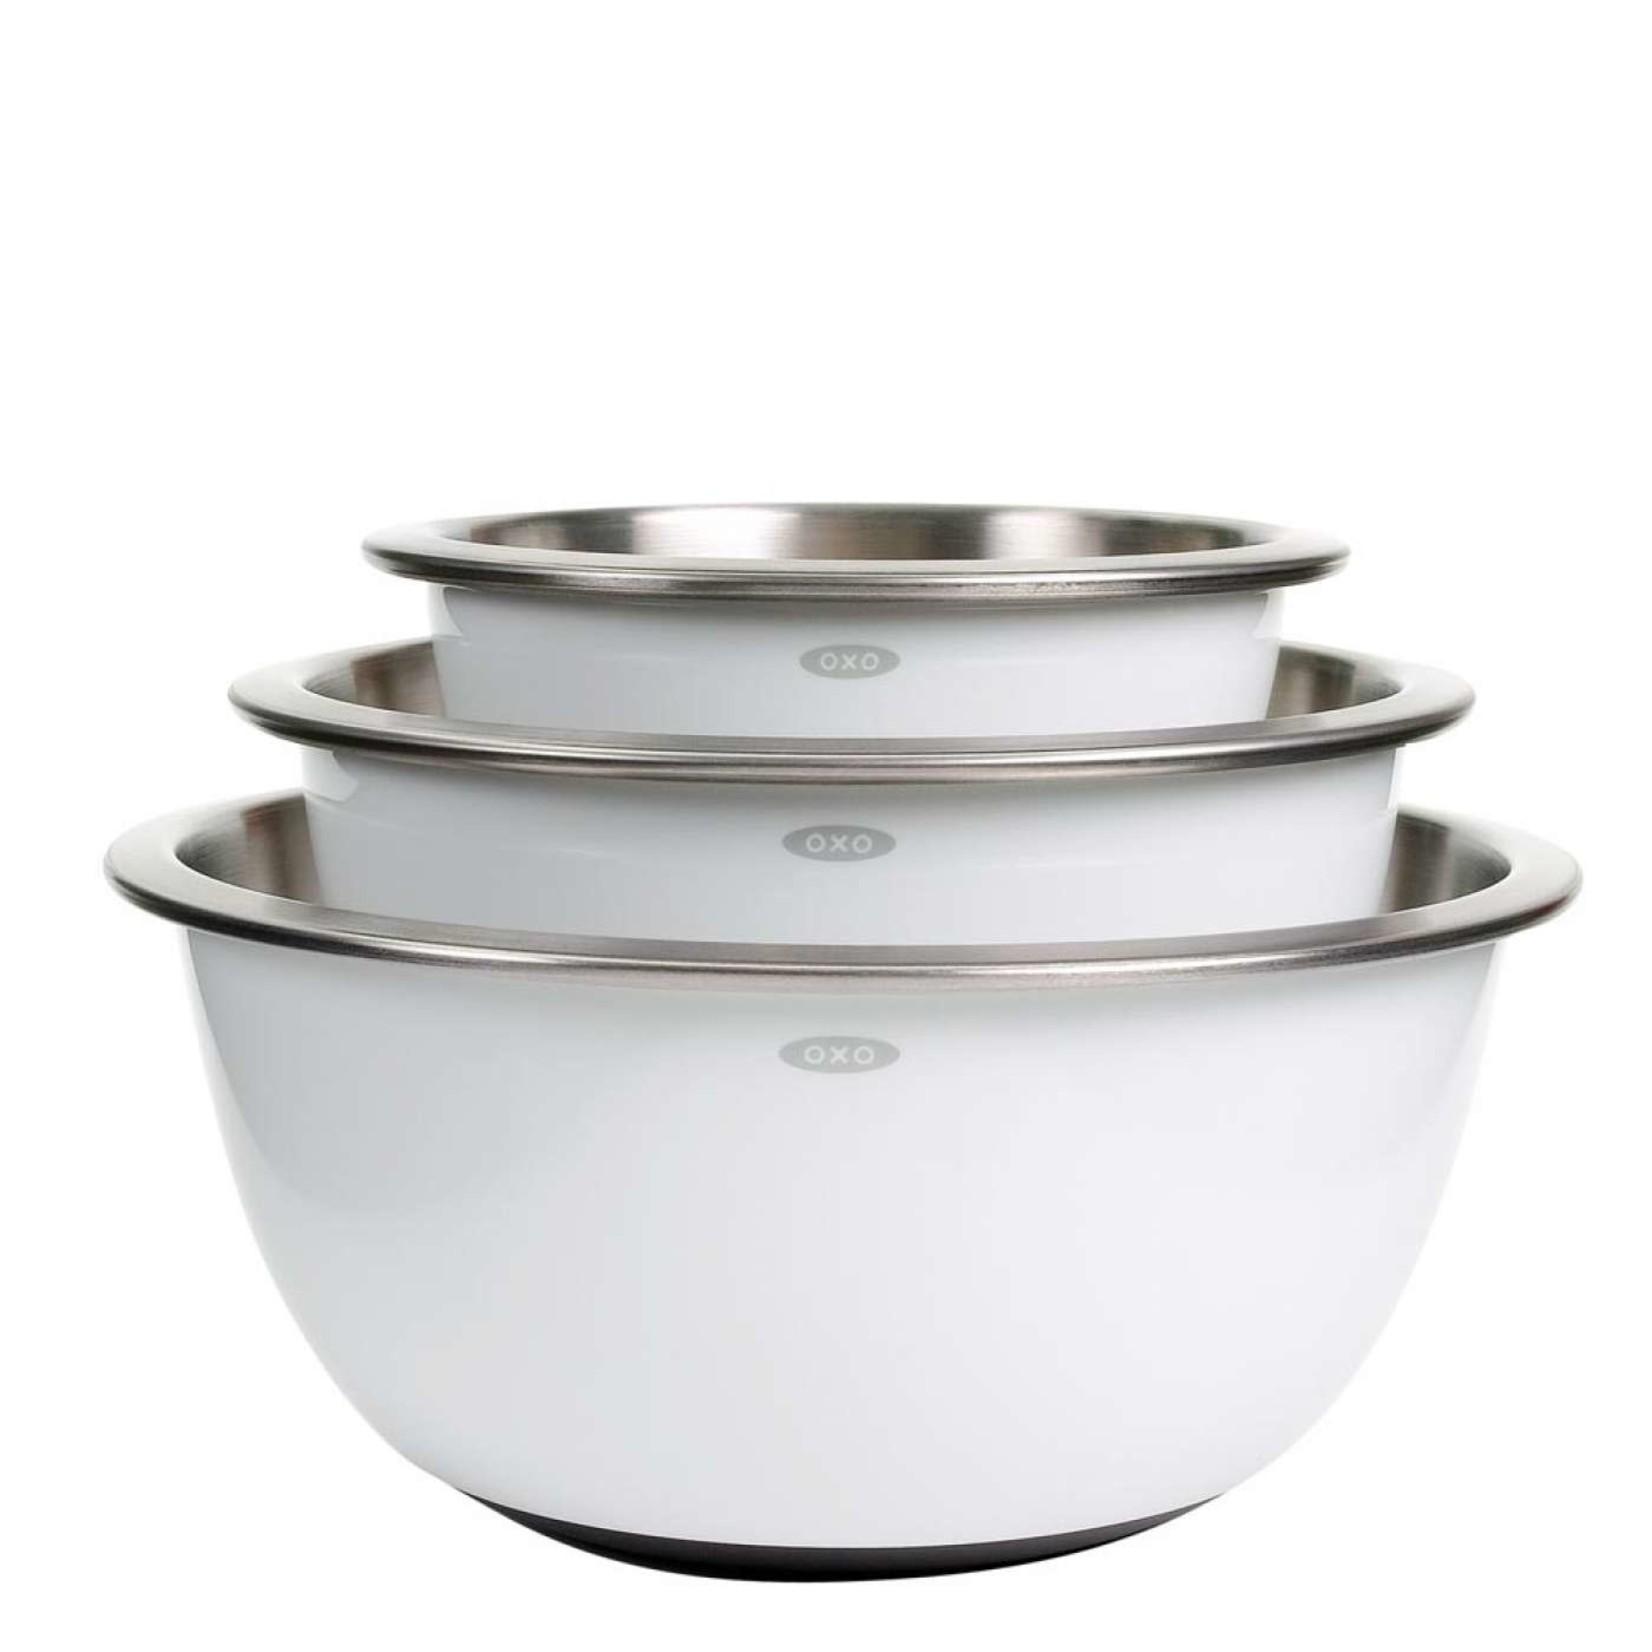 Oxo 3pc White Mixing Bowl Set